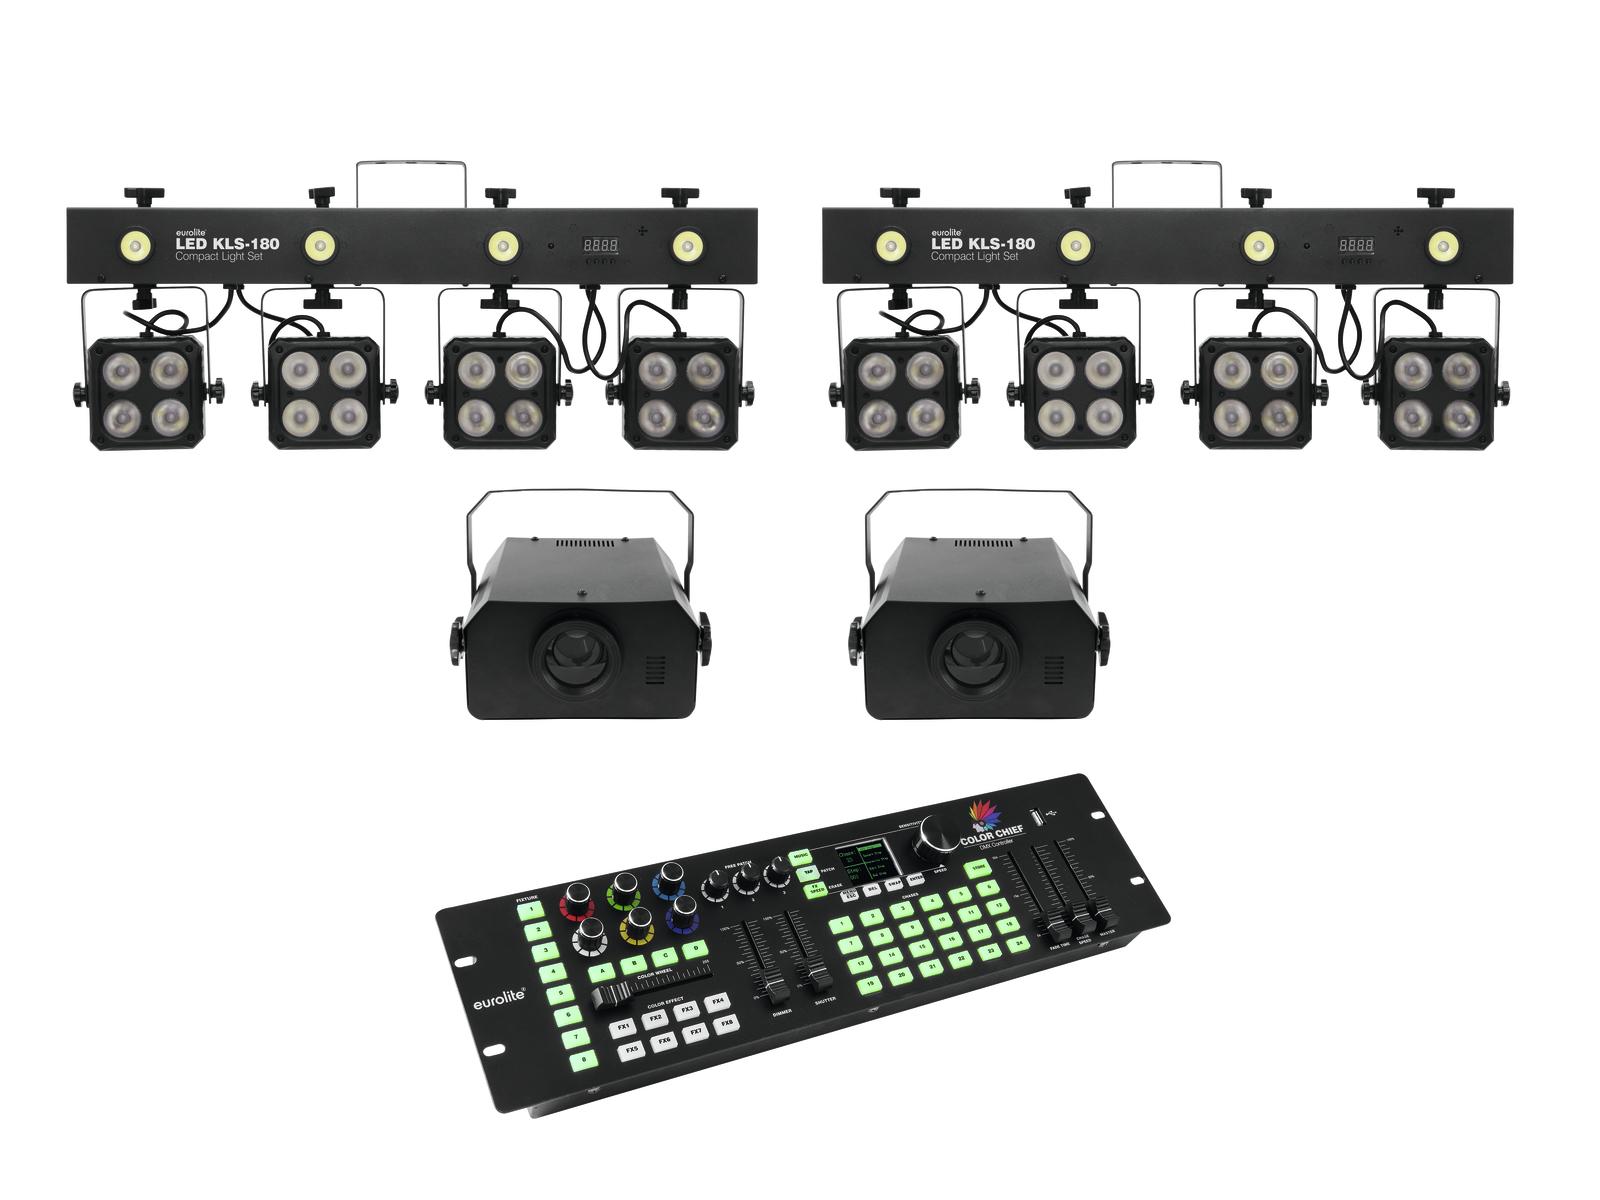 EUROLITE Set 2x LED KLS-180 + 2x LED WF-40 + DMX LED di Colore del Capo